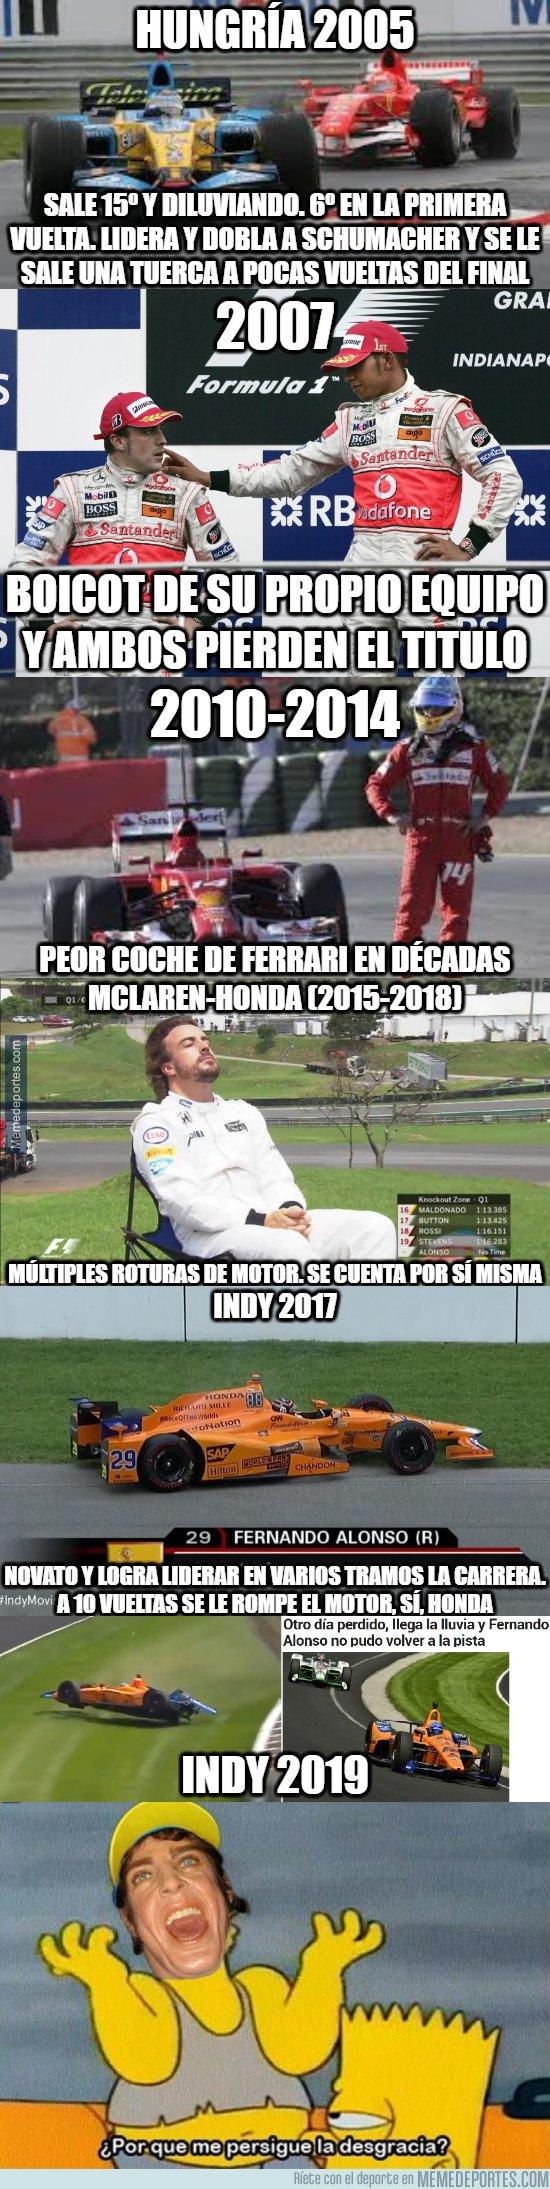 1075327 - Alonso y su gafe